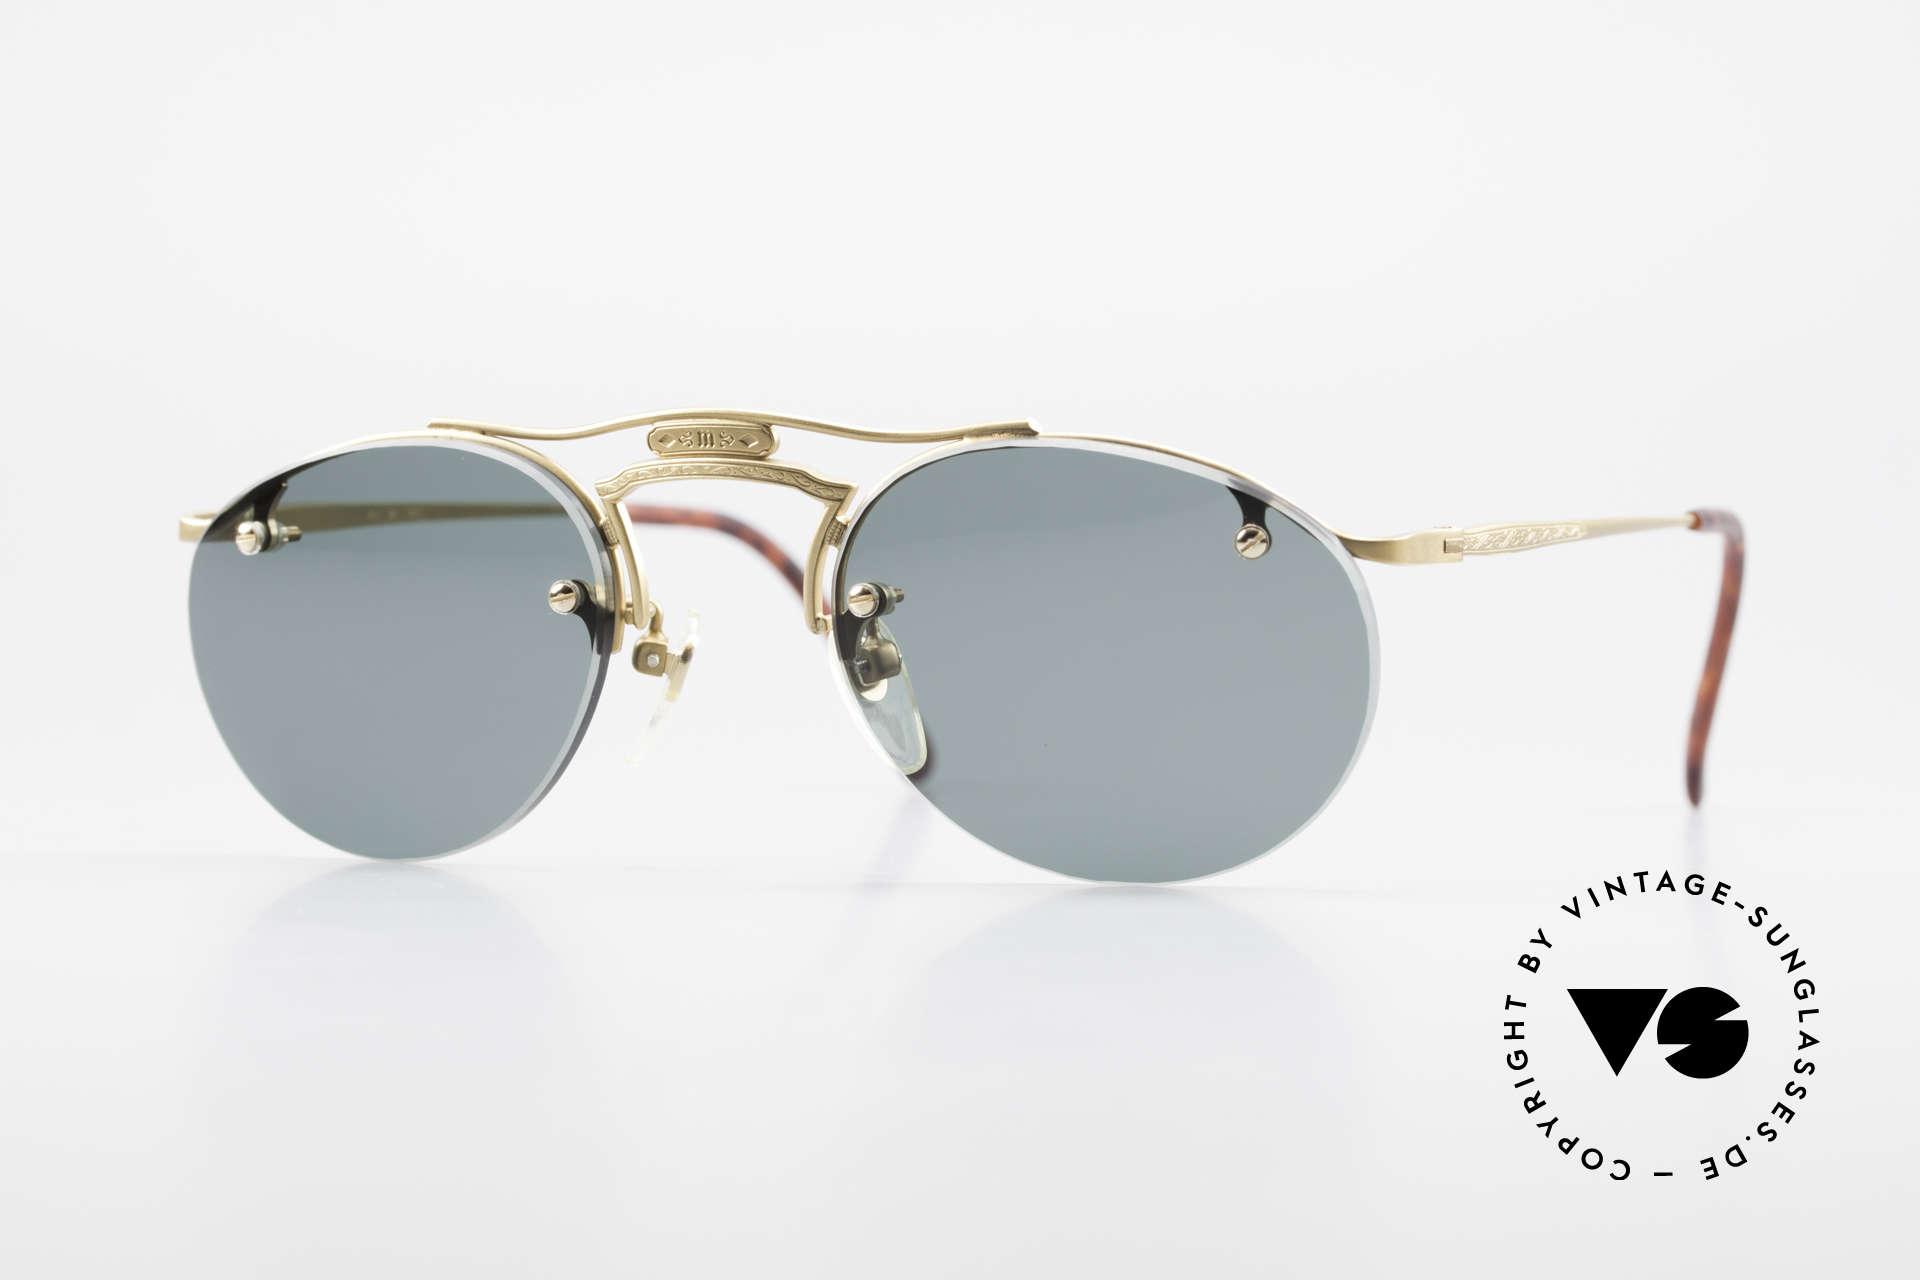 Matsuda 2823 Small Aviator Stil Brille 90er, vintage MATSUDA Sonnenbrille in kleiner Aviator-Form, Passend für Herren und Damen